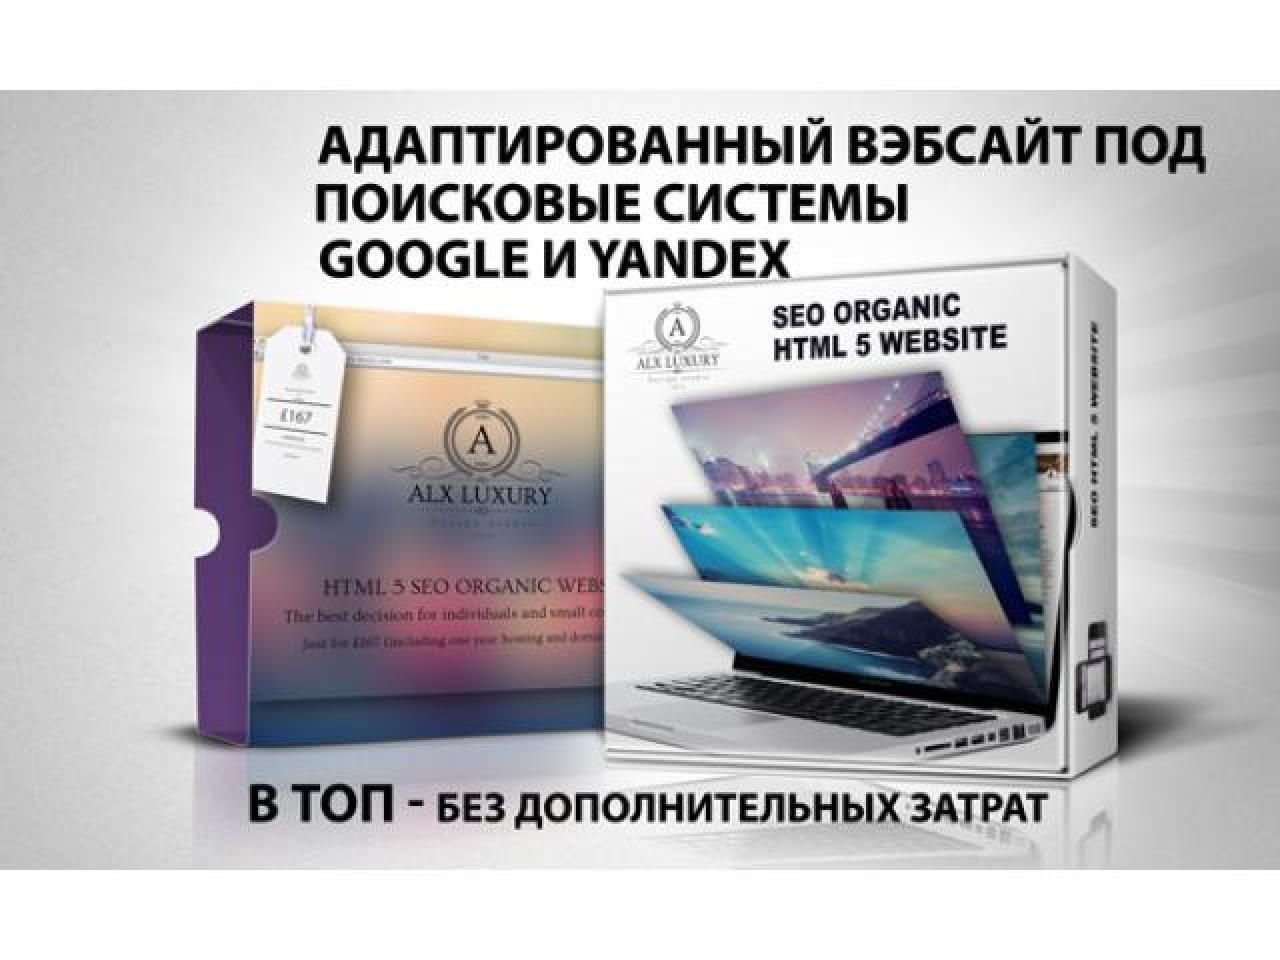 SEO Organic Вэб-сайт.В топ без лишних расходов. - 1